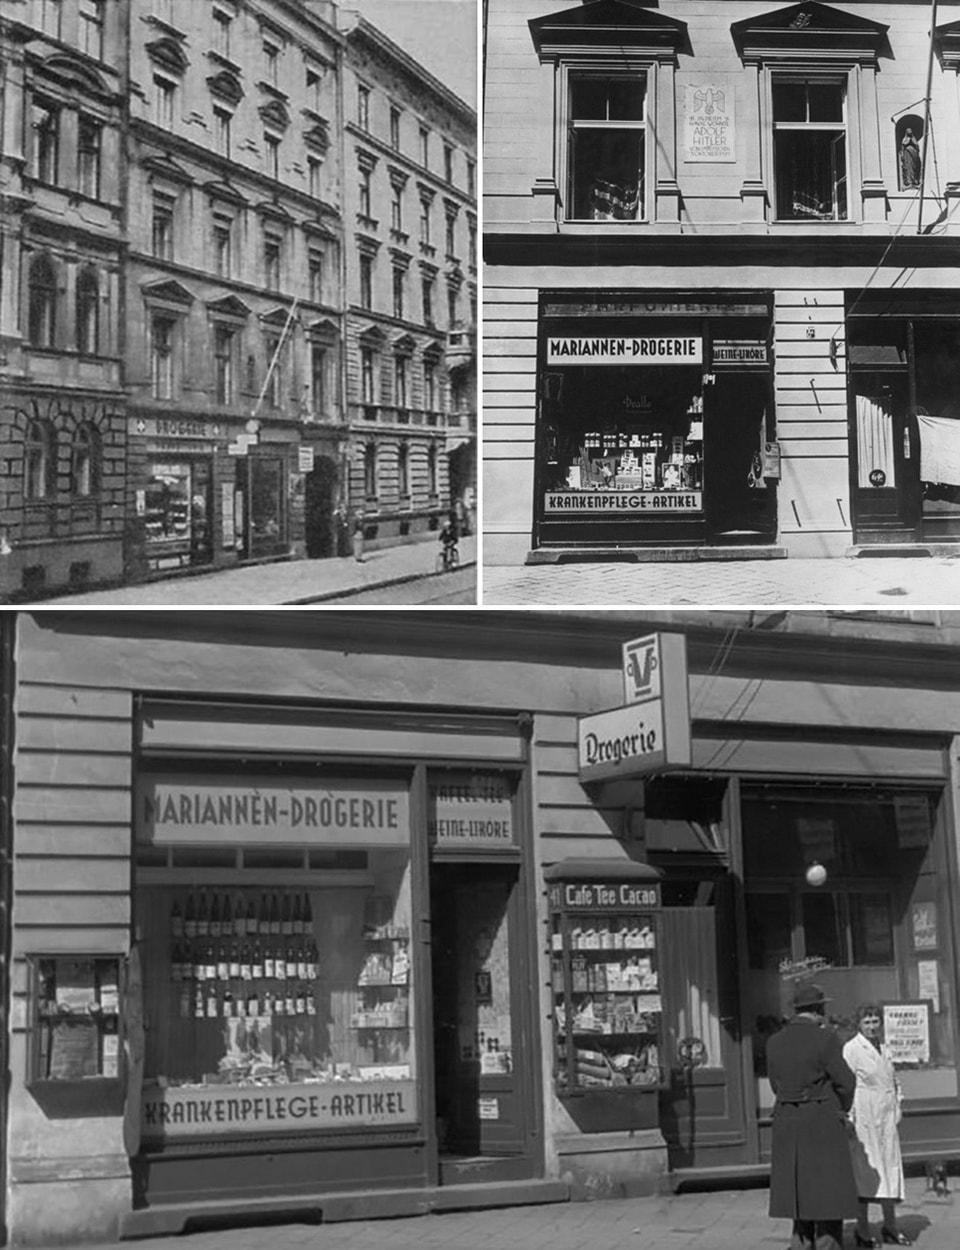 HITLER'S HOME 1920-1929 Munich